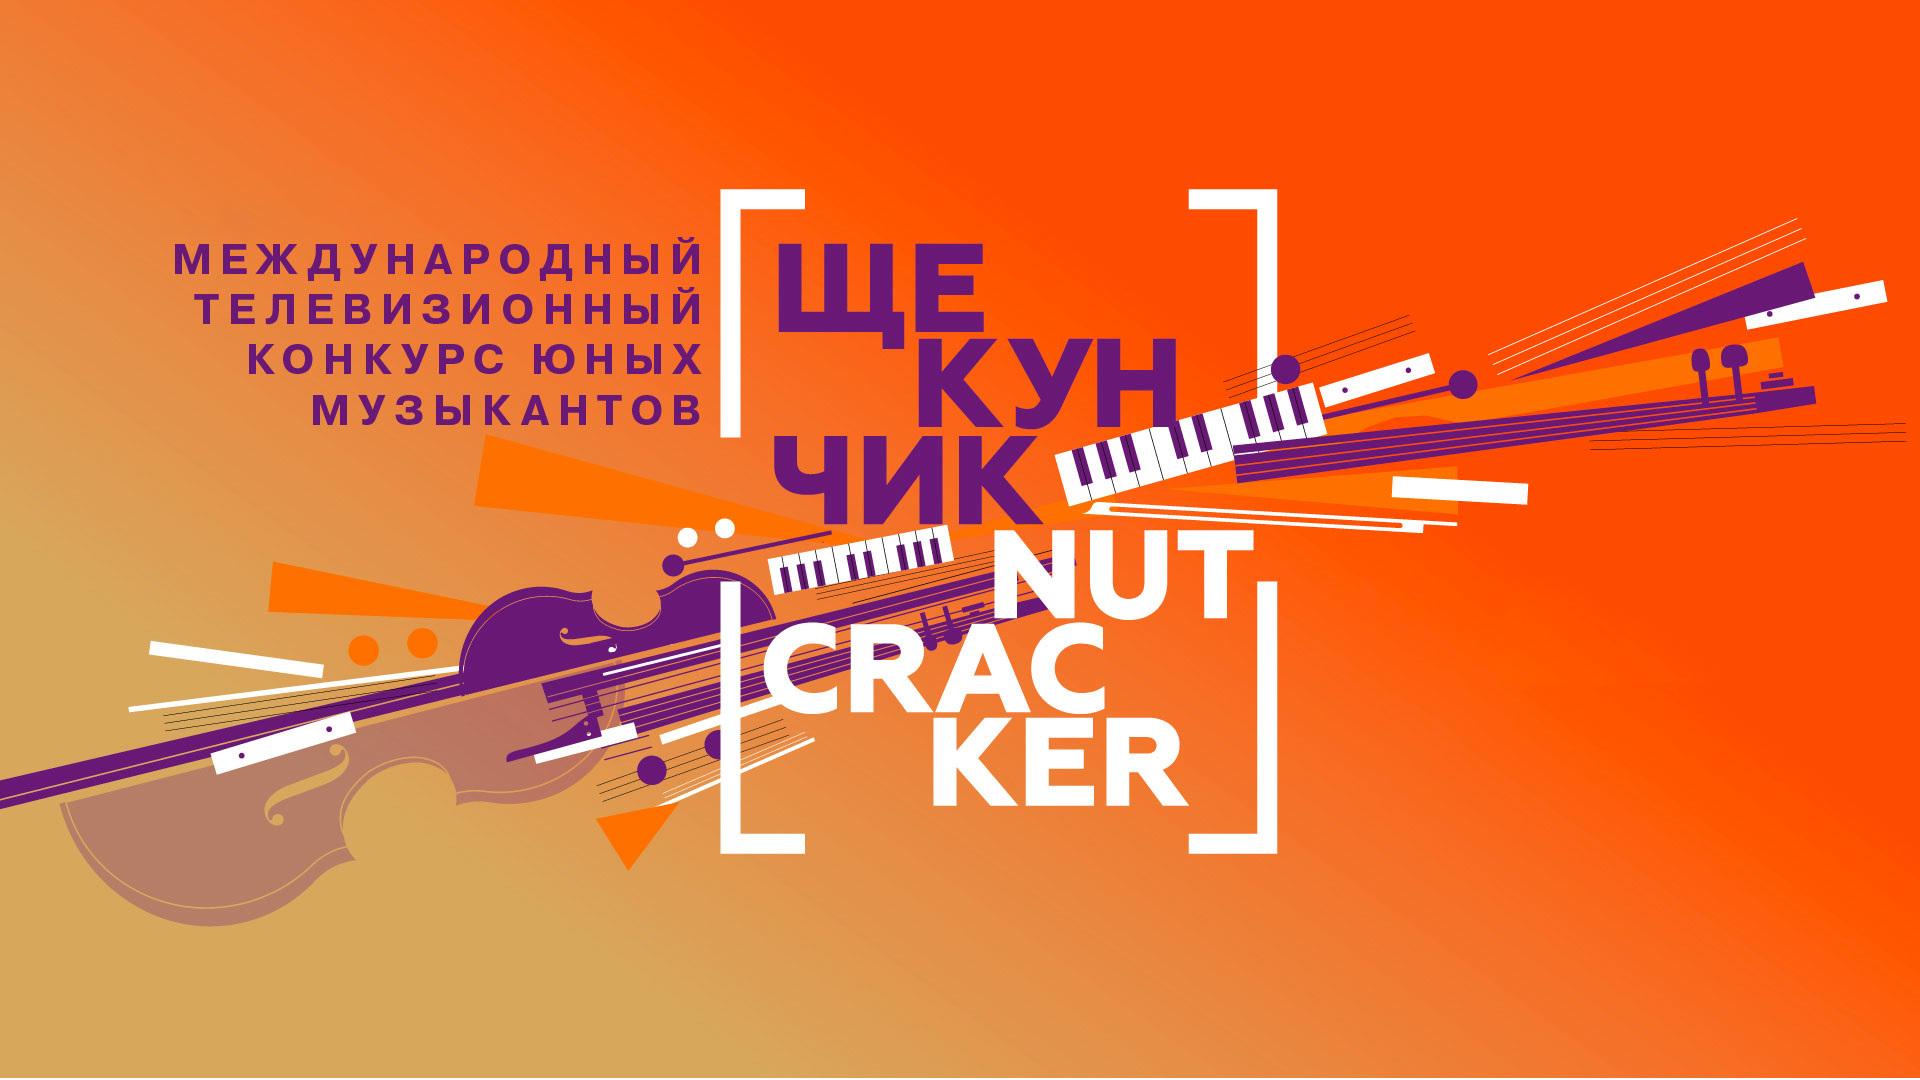 Щелкунчик. XVIII Международный телевизионный конкурс юных музыкантов